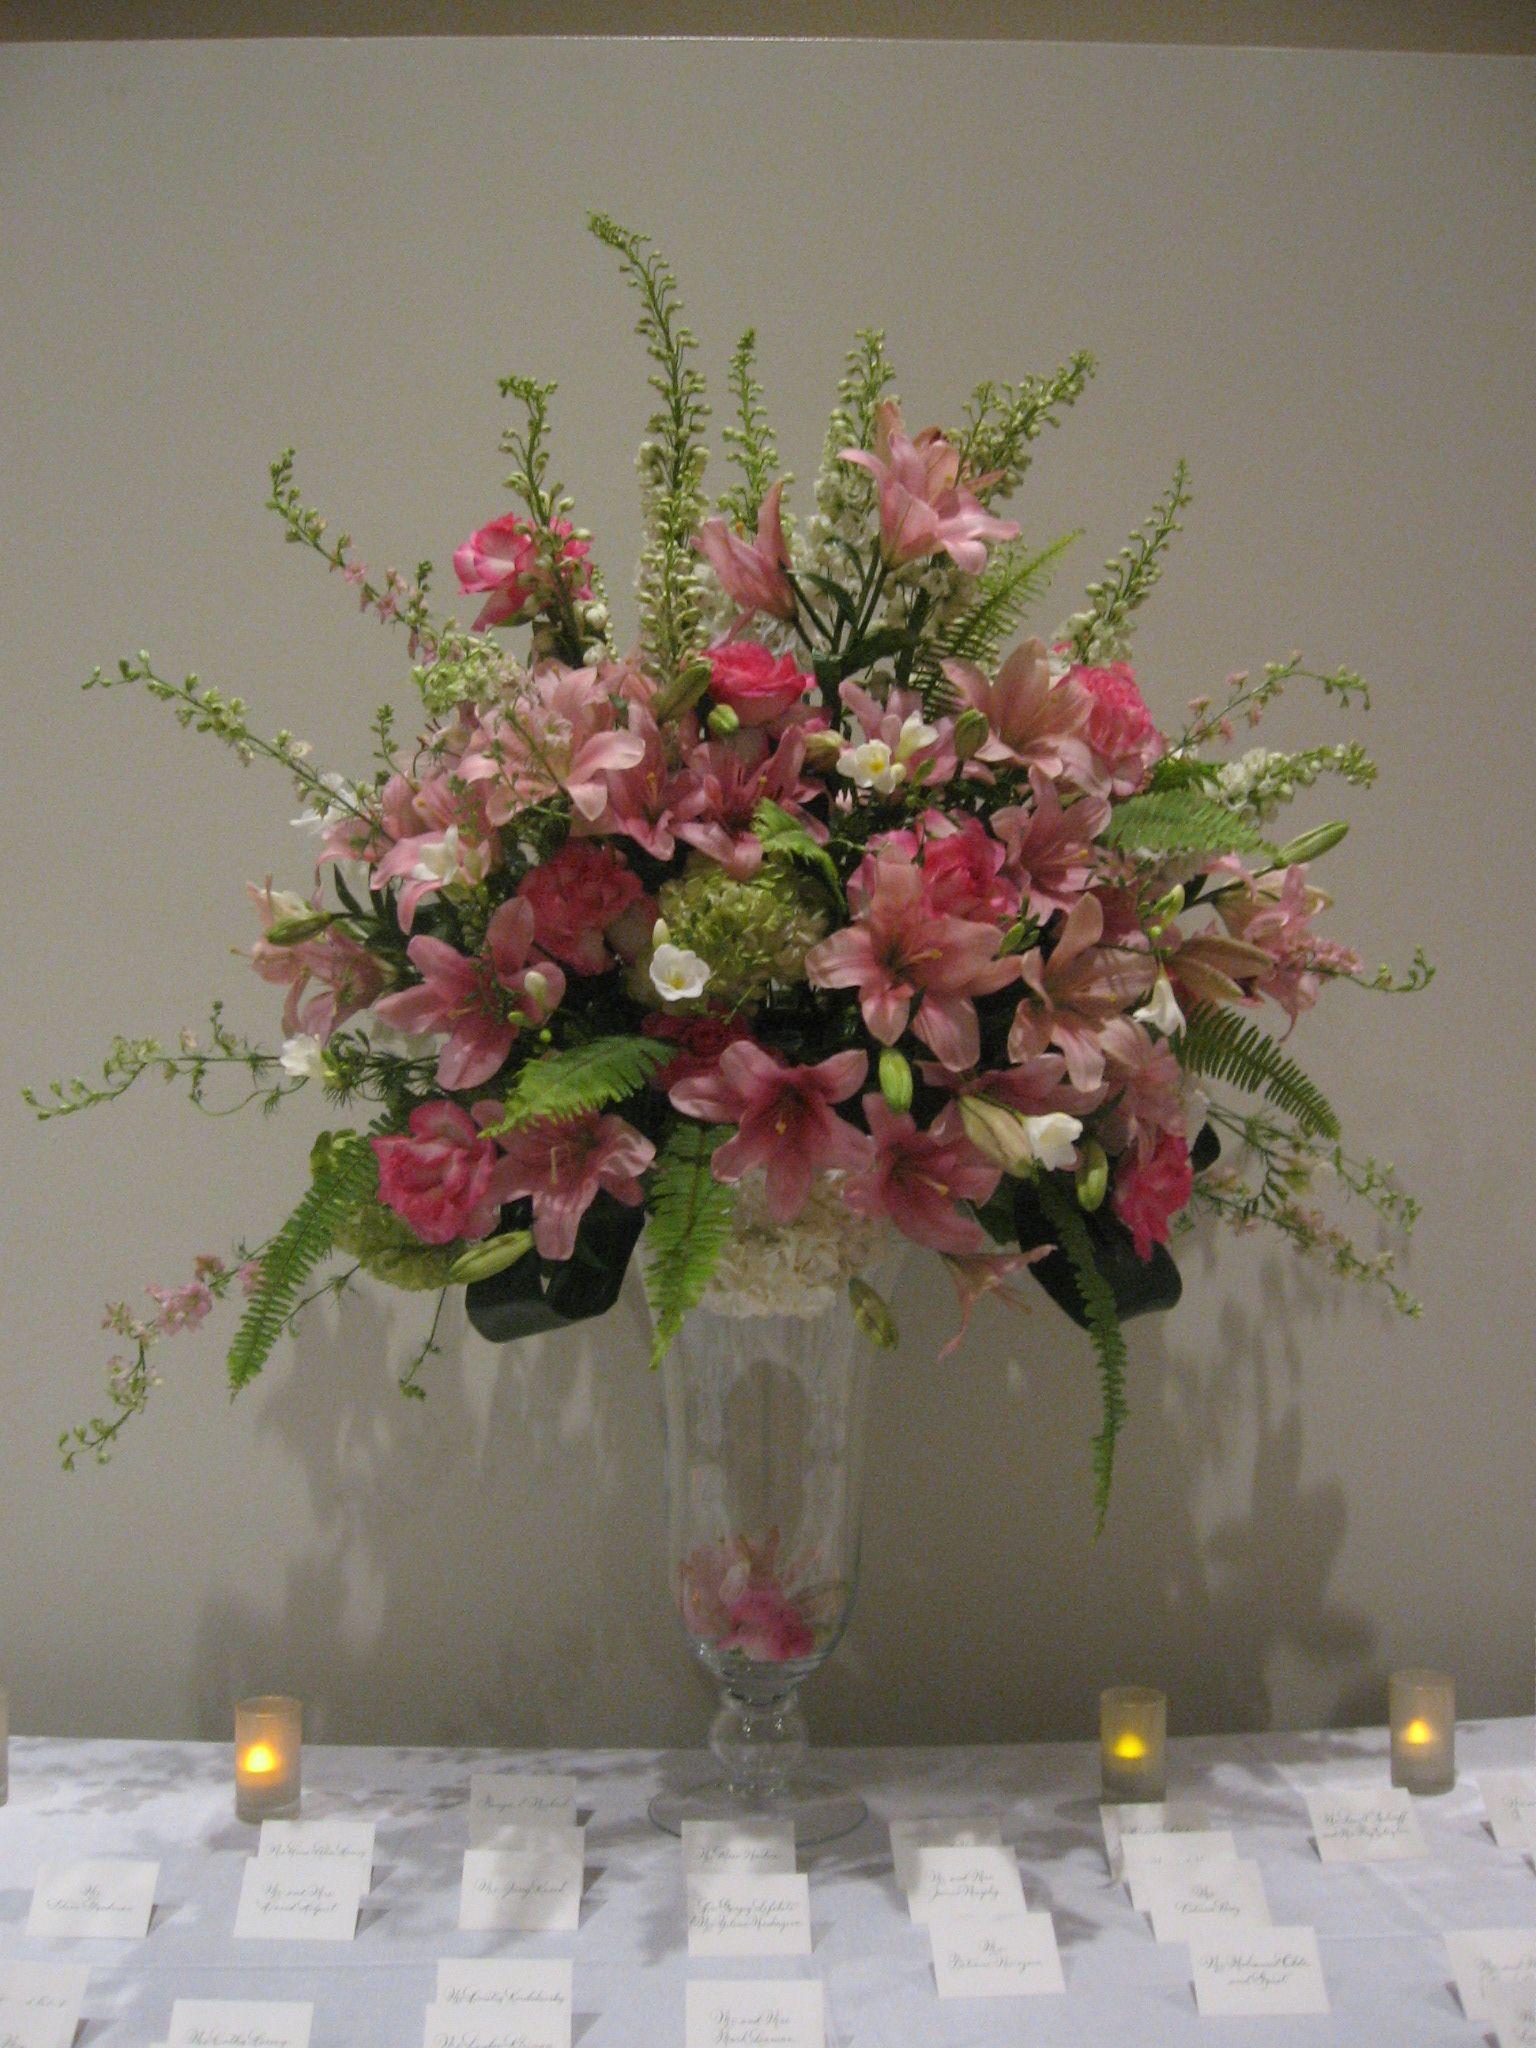 Spring Flower Arrangements | Martha Stewart |Large Spring Floral Arrangements